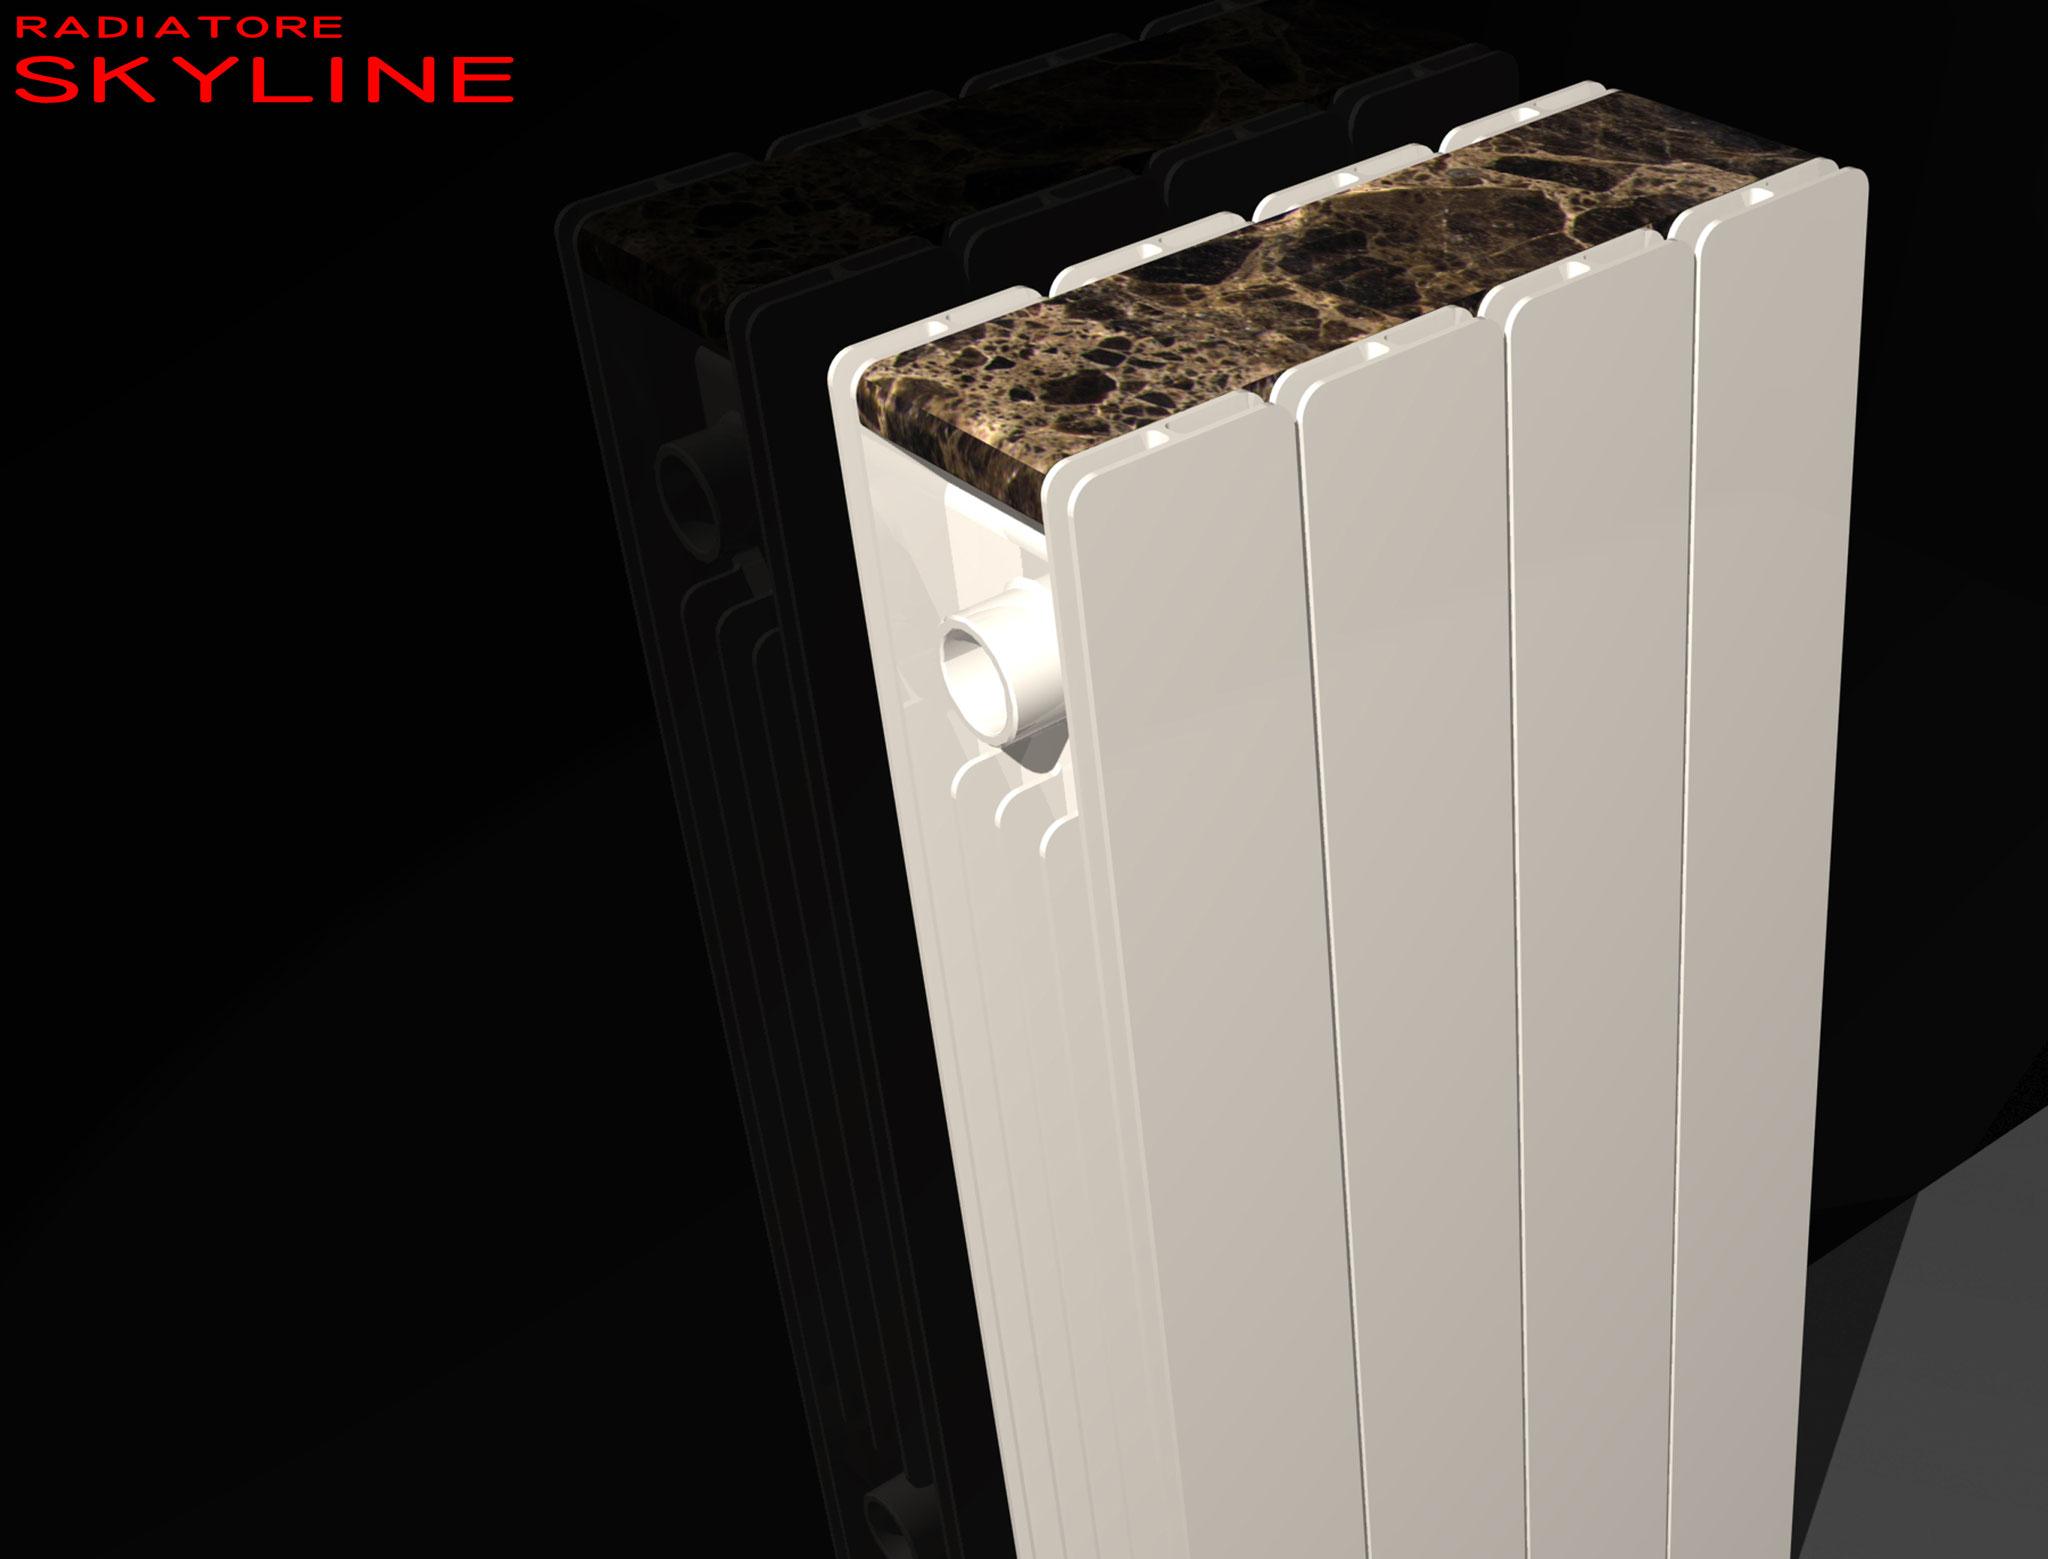 Skyline - Antica usanza popolare la quale posizionava una mensola al di sopra del calorifero. Questa proposta ricalca quella abitudine incastonando pietra o vetro nel radiatore stesso. Studio radiatore 2008 ADHOC Gruppo Ragaini   rendering.